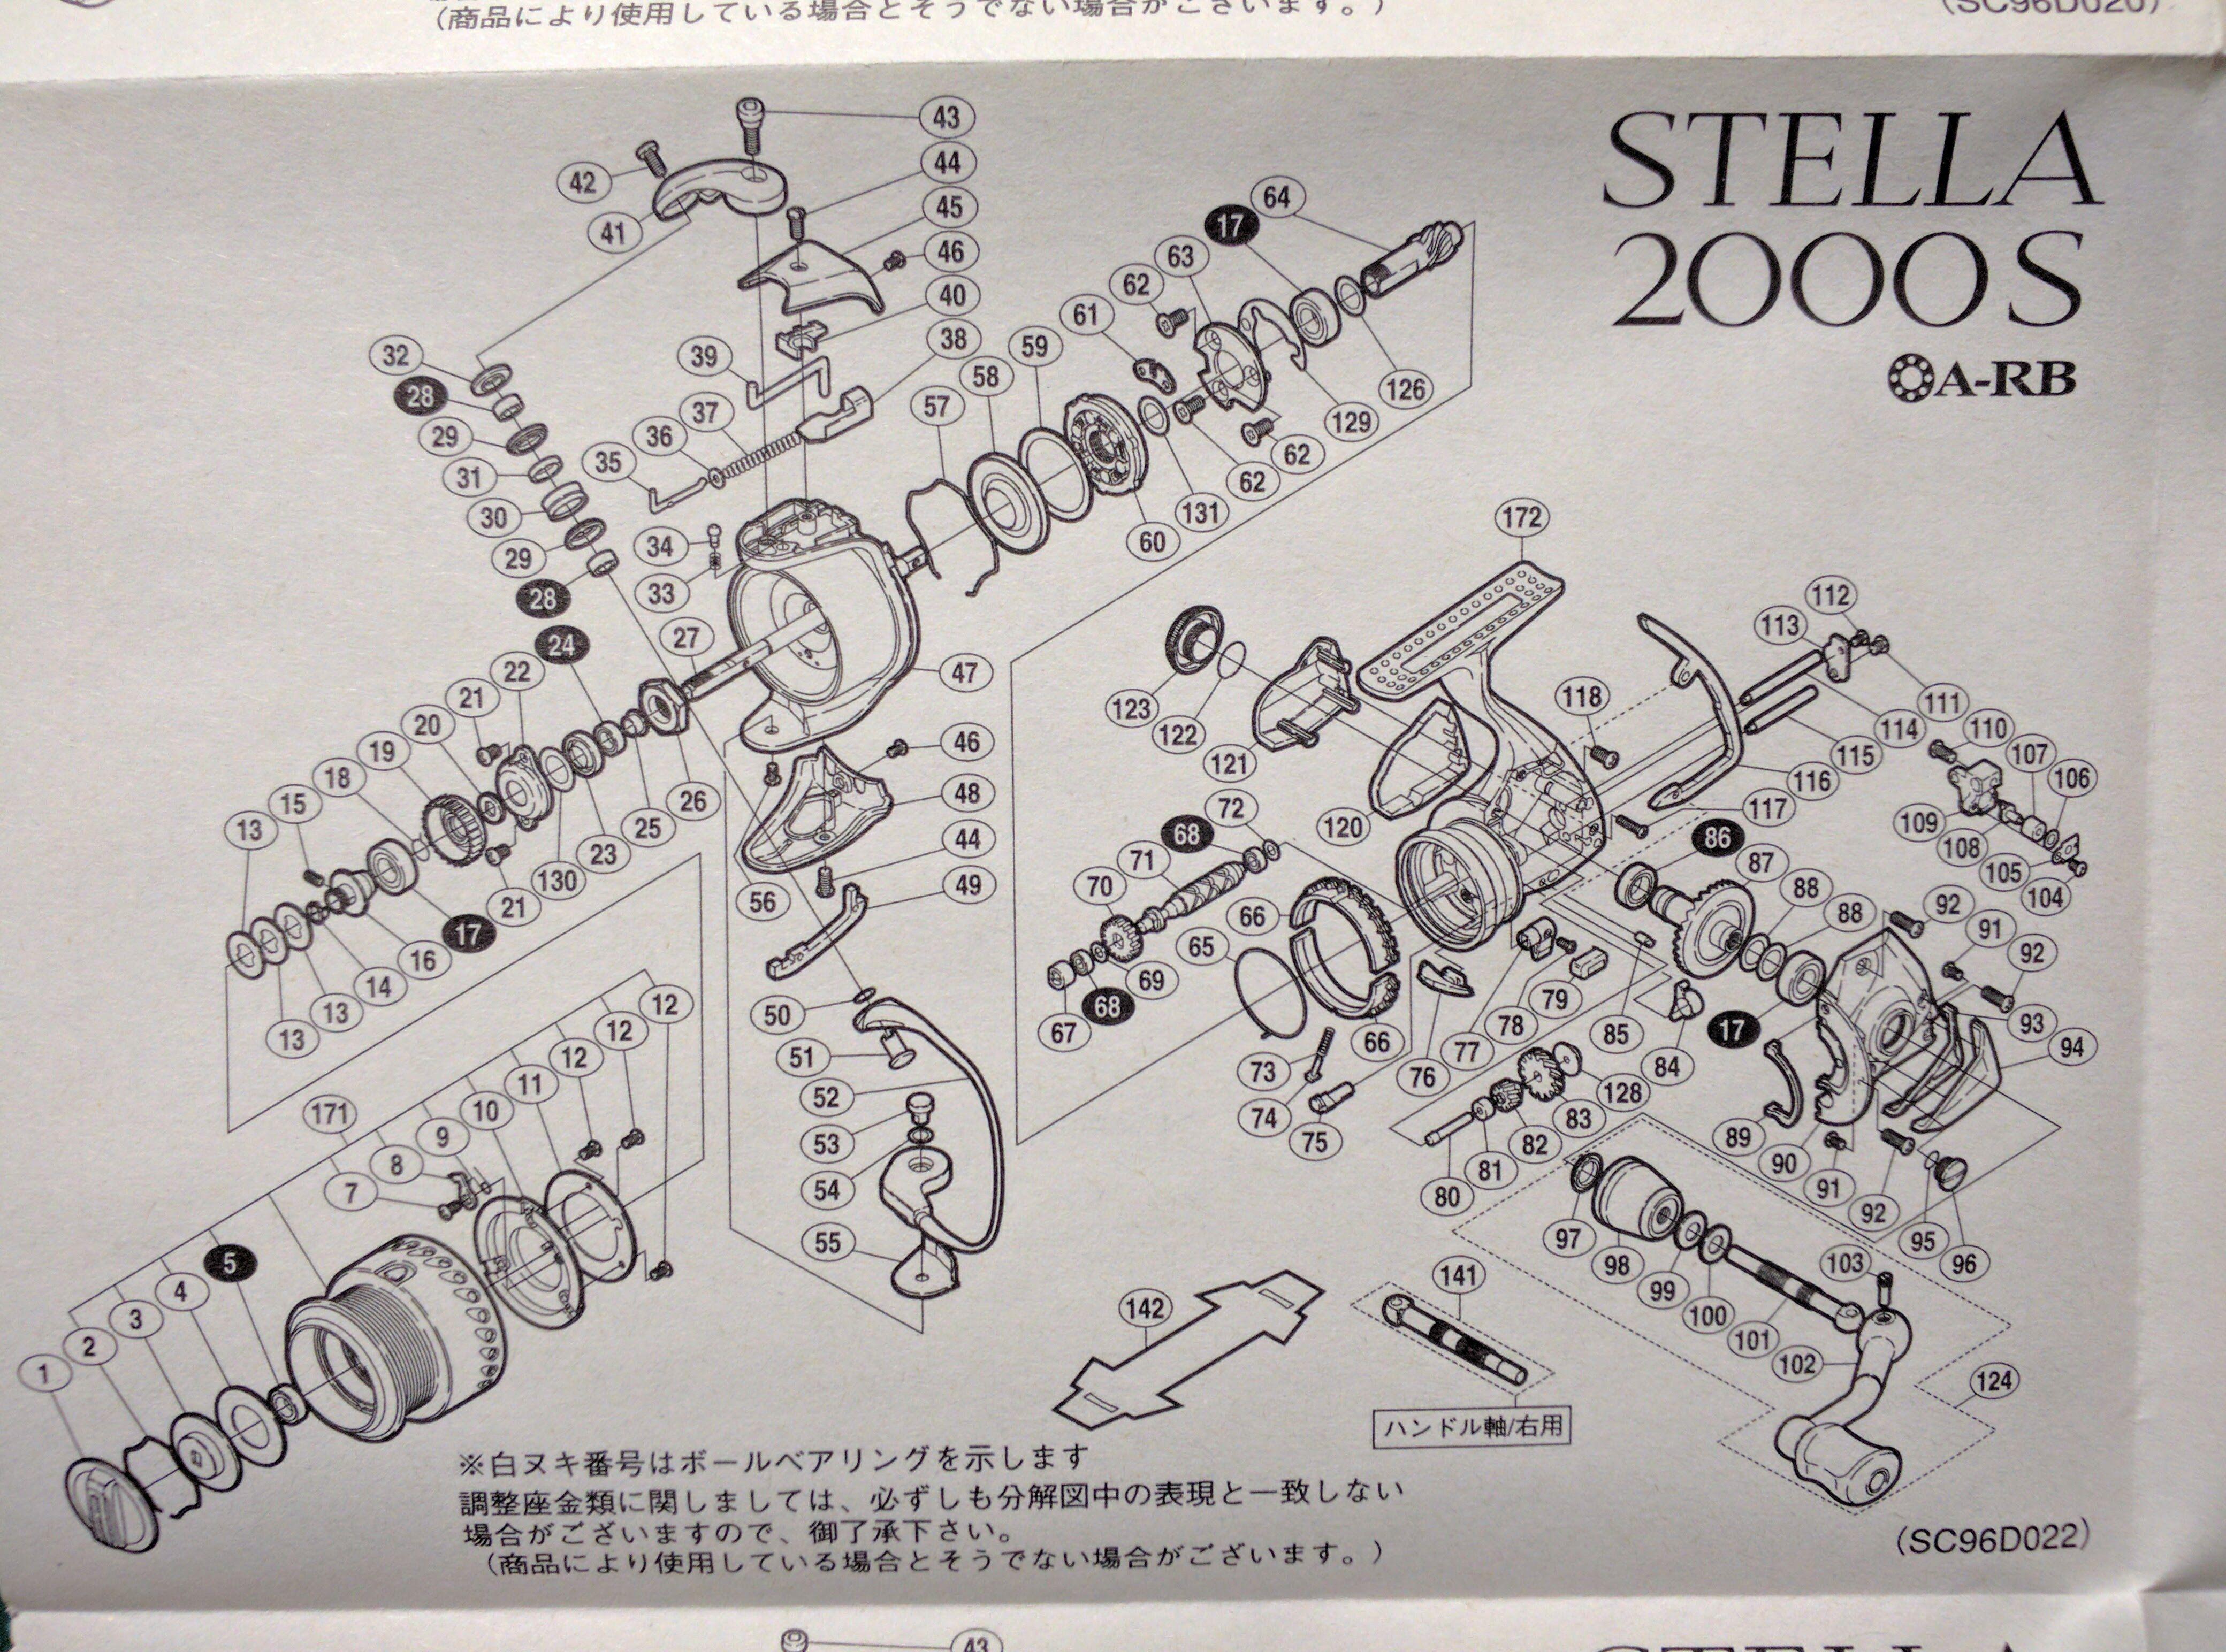 shimano-04stella-2000S-schematic (SC96D022)